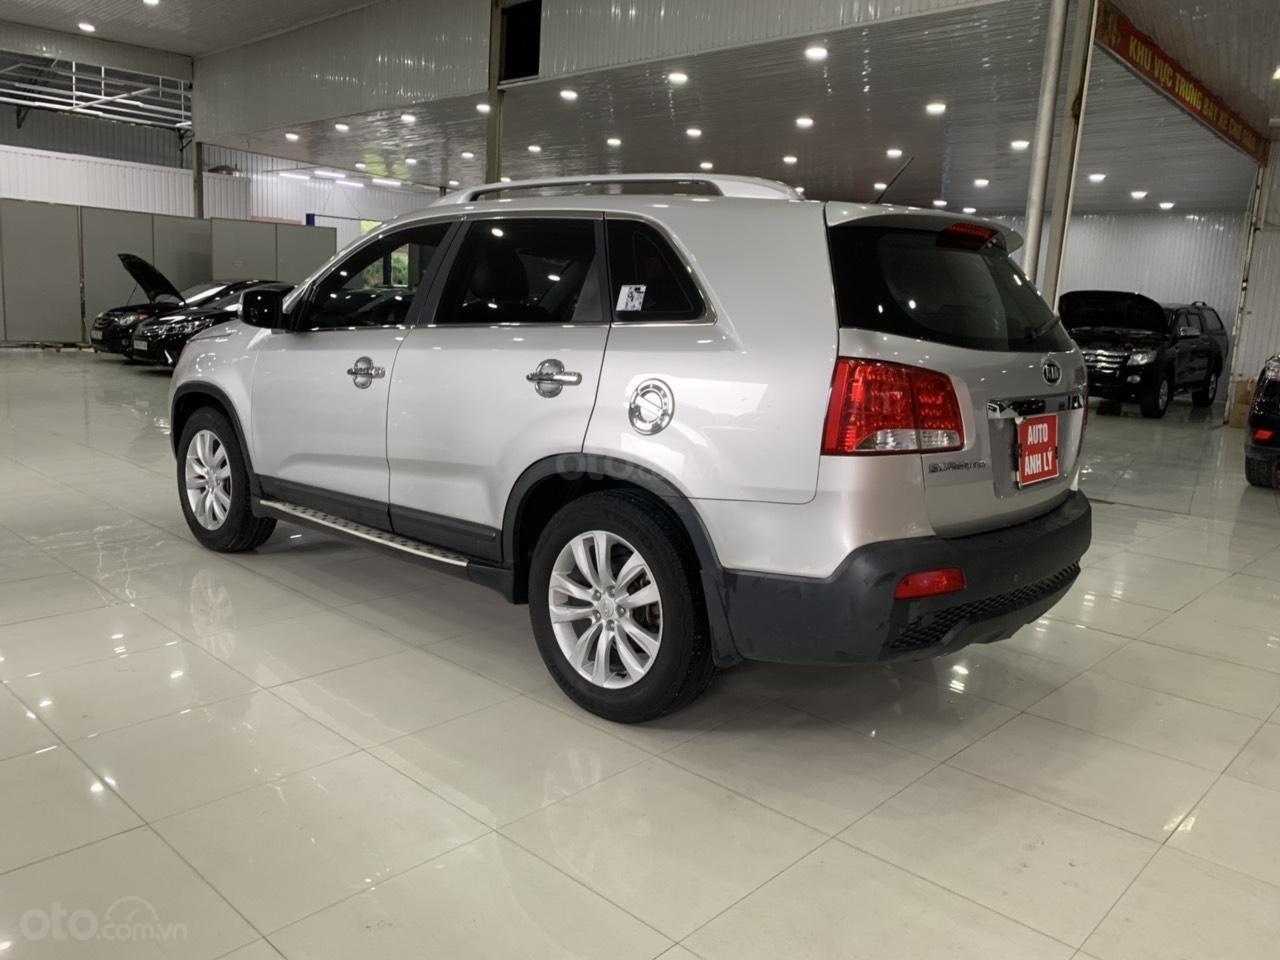 Cần bán xe Kia Sorento năm sản xuất 2010, màu bạc, nhập khẩu, giá tốt-1